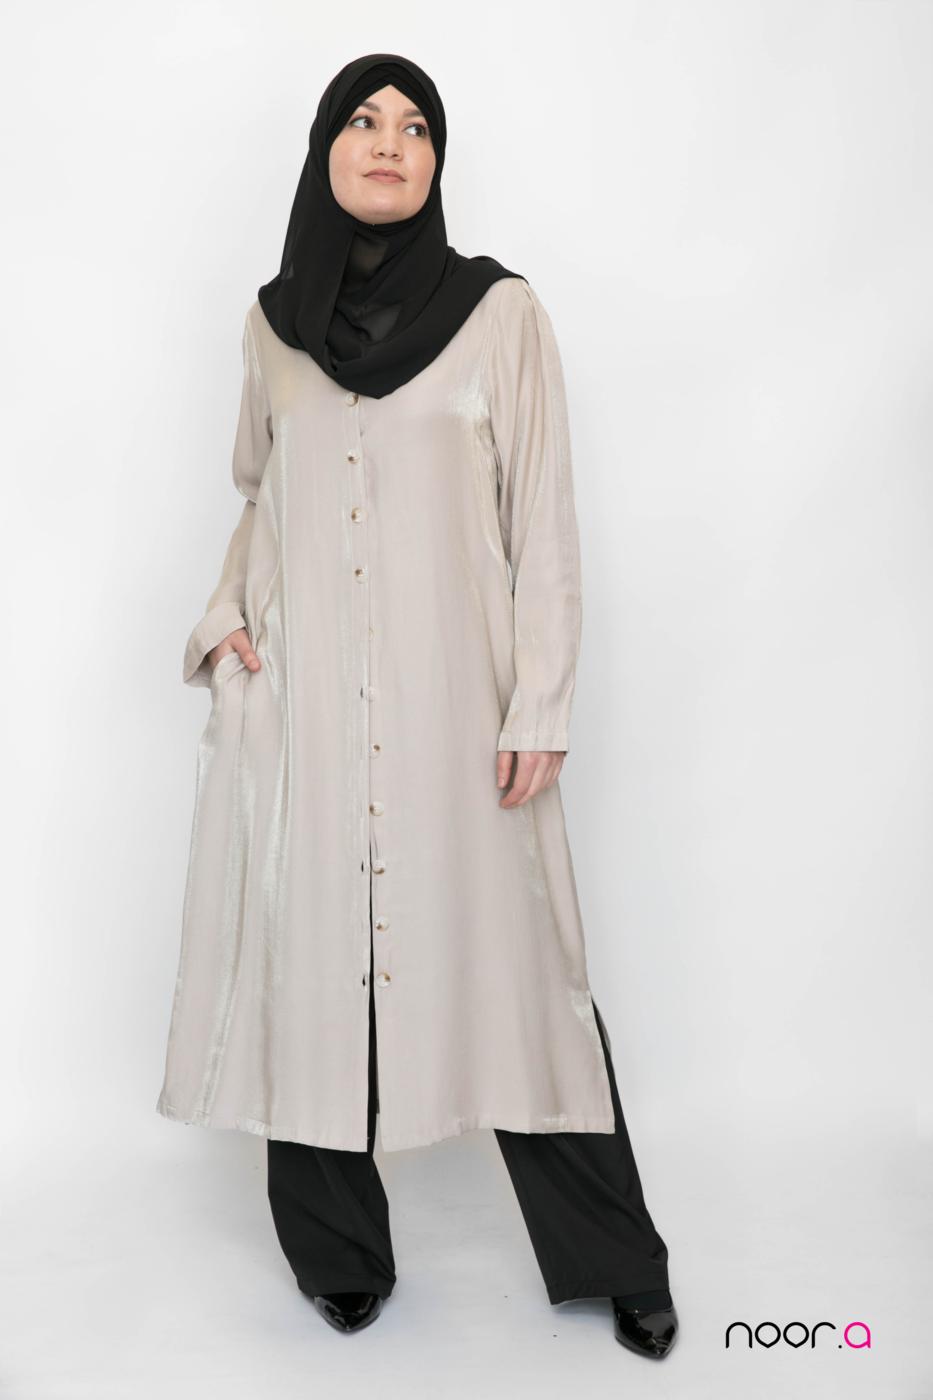 tunique-longue-pour-hijab-beige-satinée-pantalon-large-noir-hijab-mousseline-luxe-noir (2)